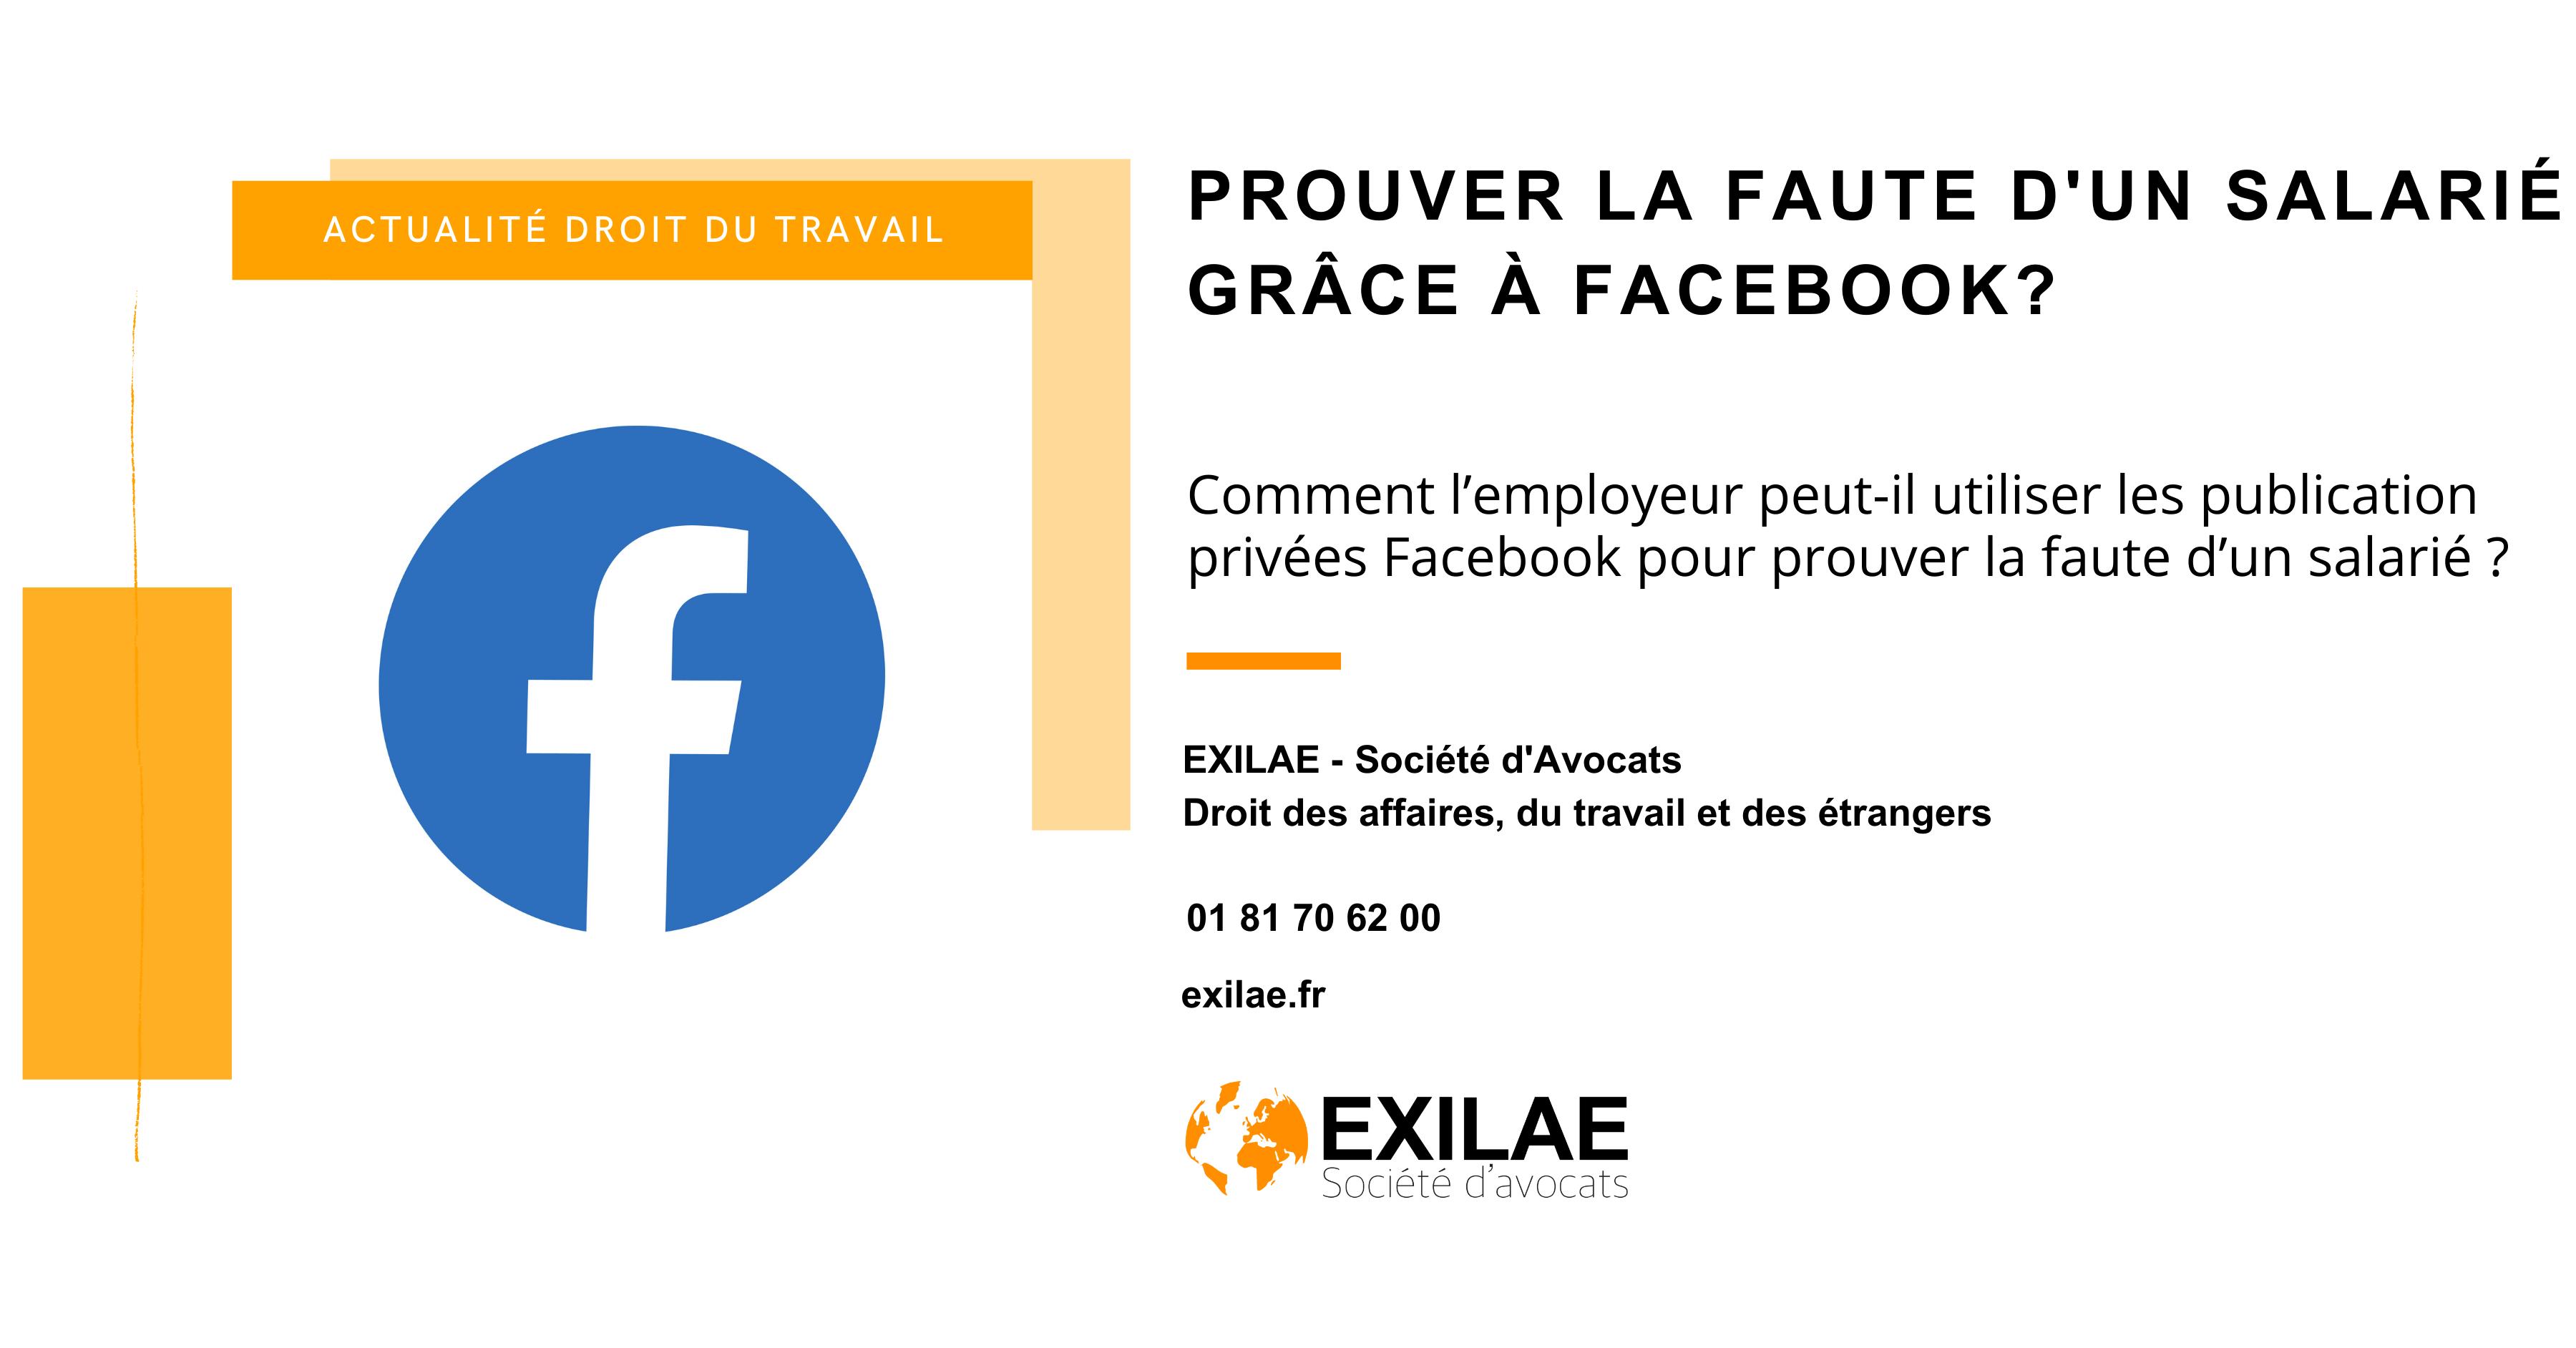 Comment l'employeur peut-il utiliser les publication privées Facebook pour prouver la faute d'un salarié ?